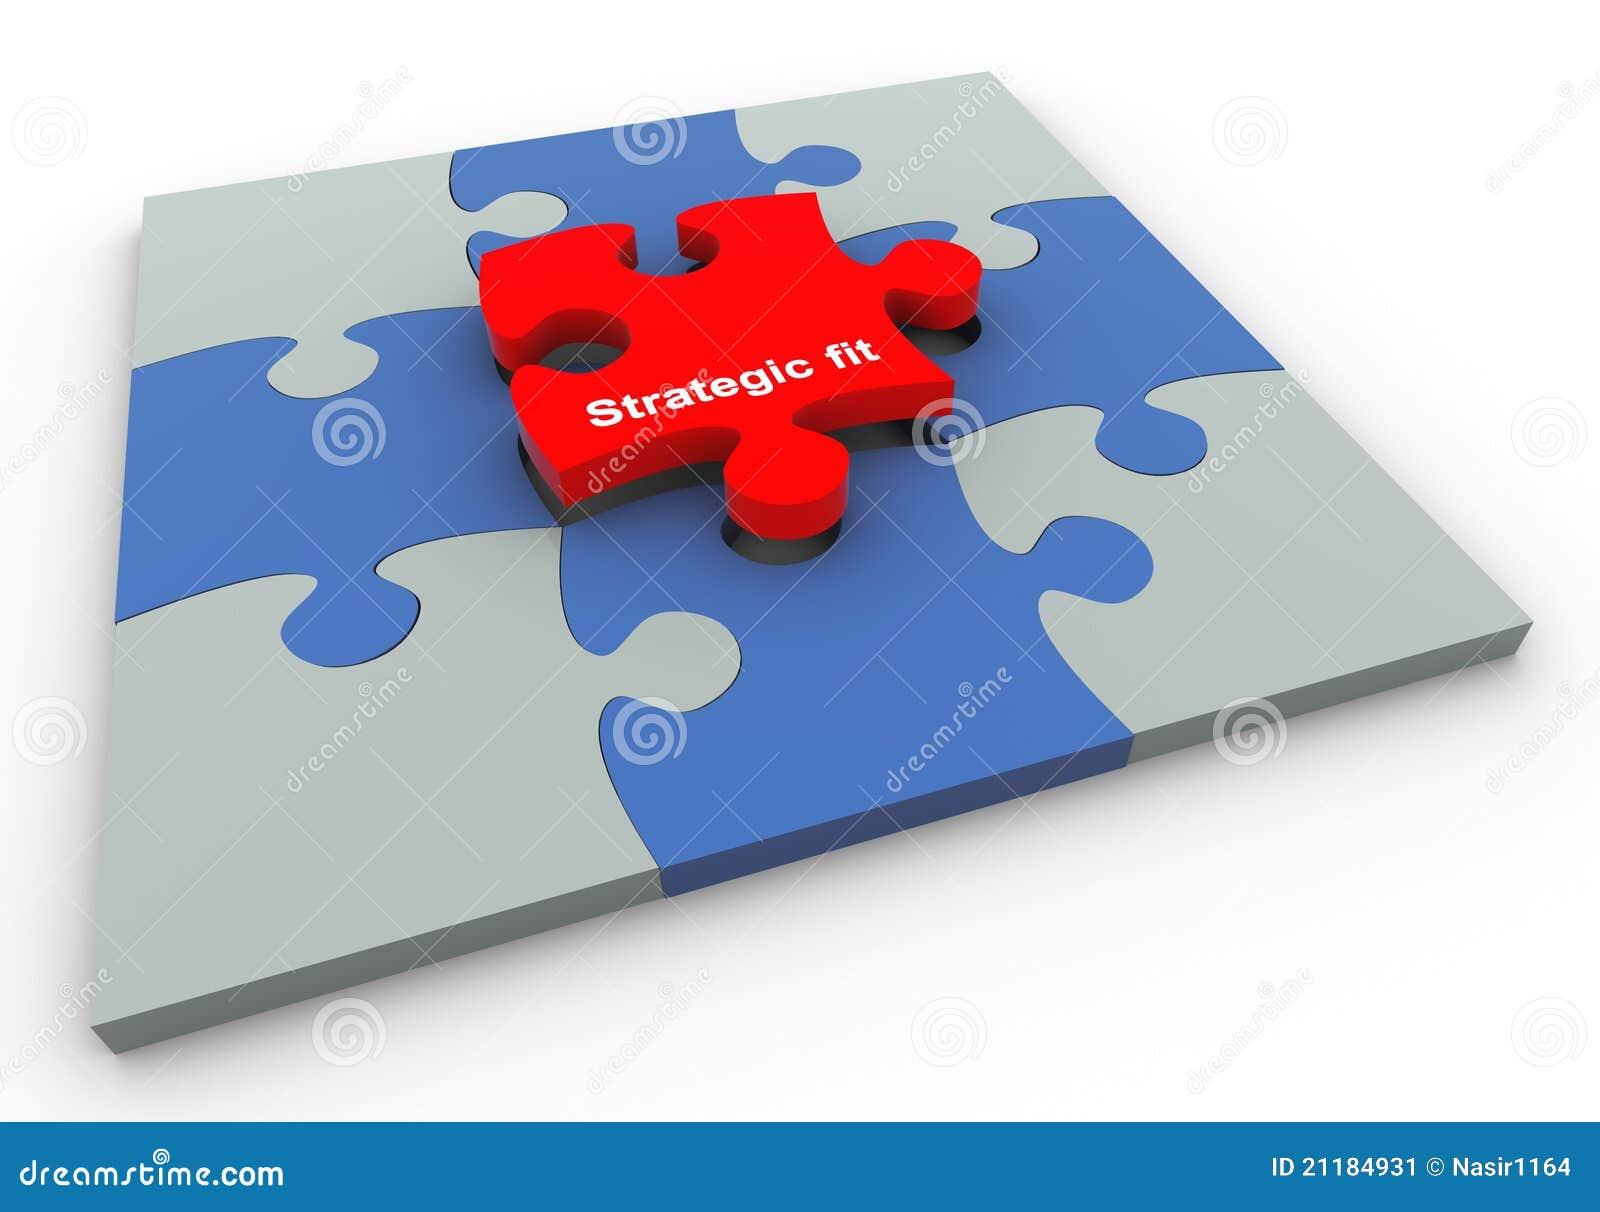 Buzzword strategic fit